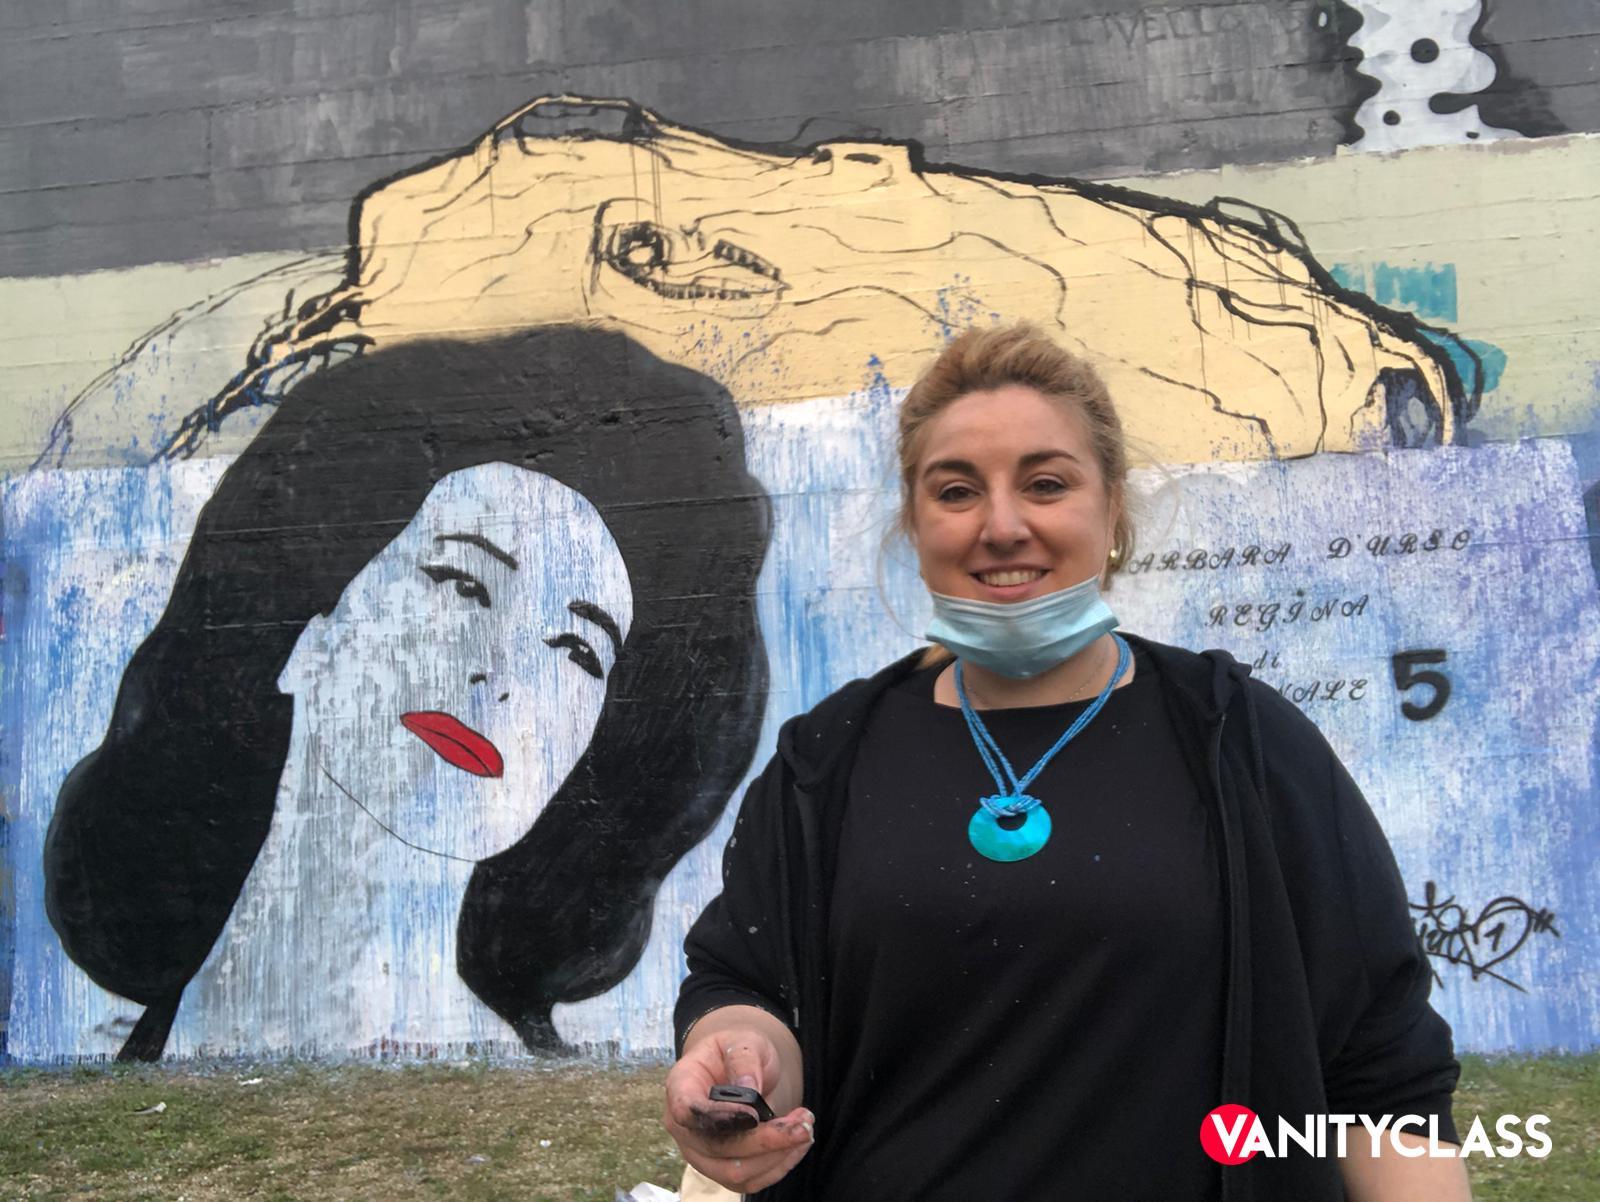 Fabiana Macaluso, l'artista e attivista dedica un murales a Barbara d'Urso